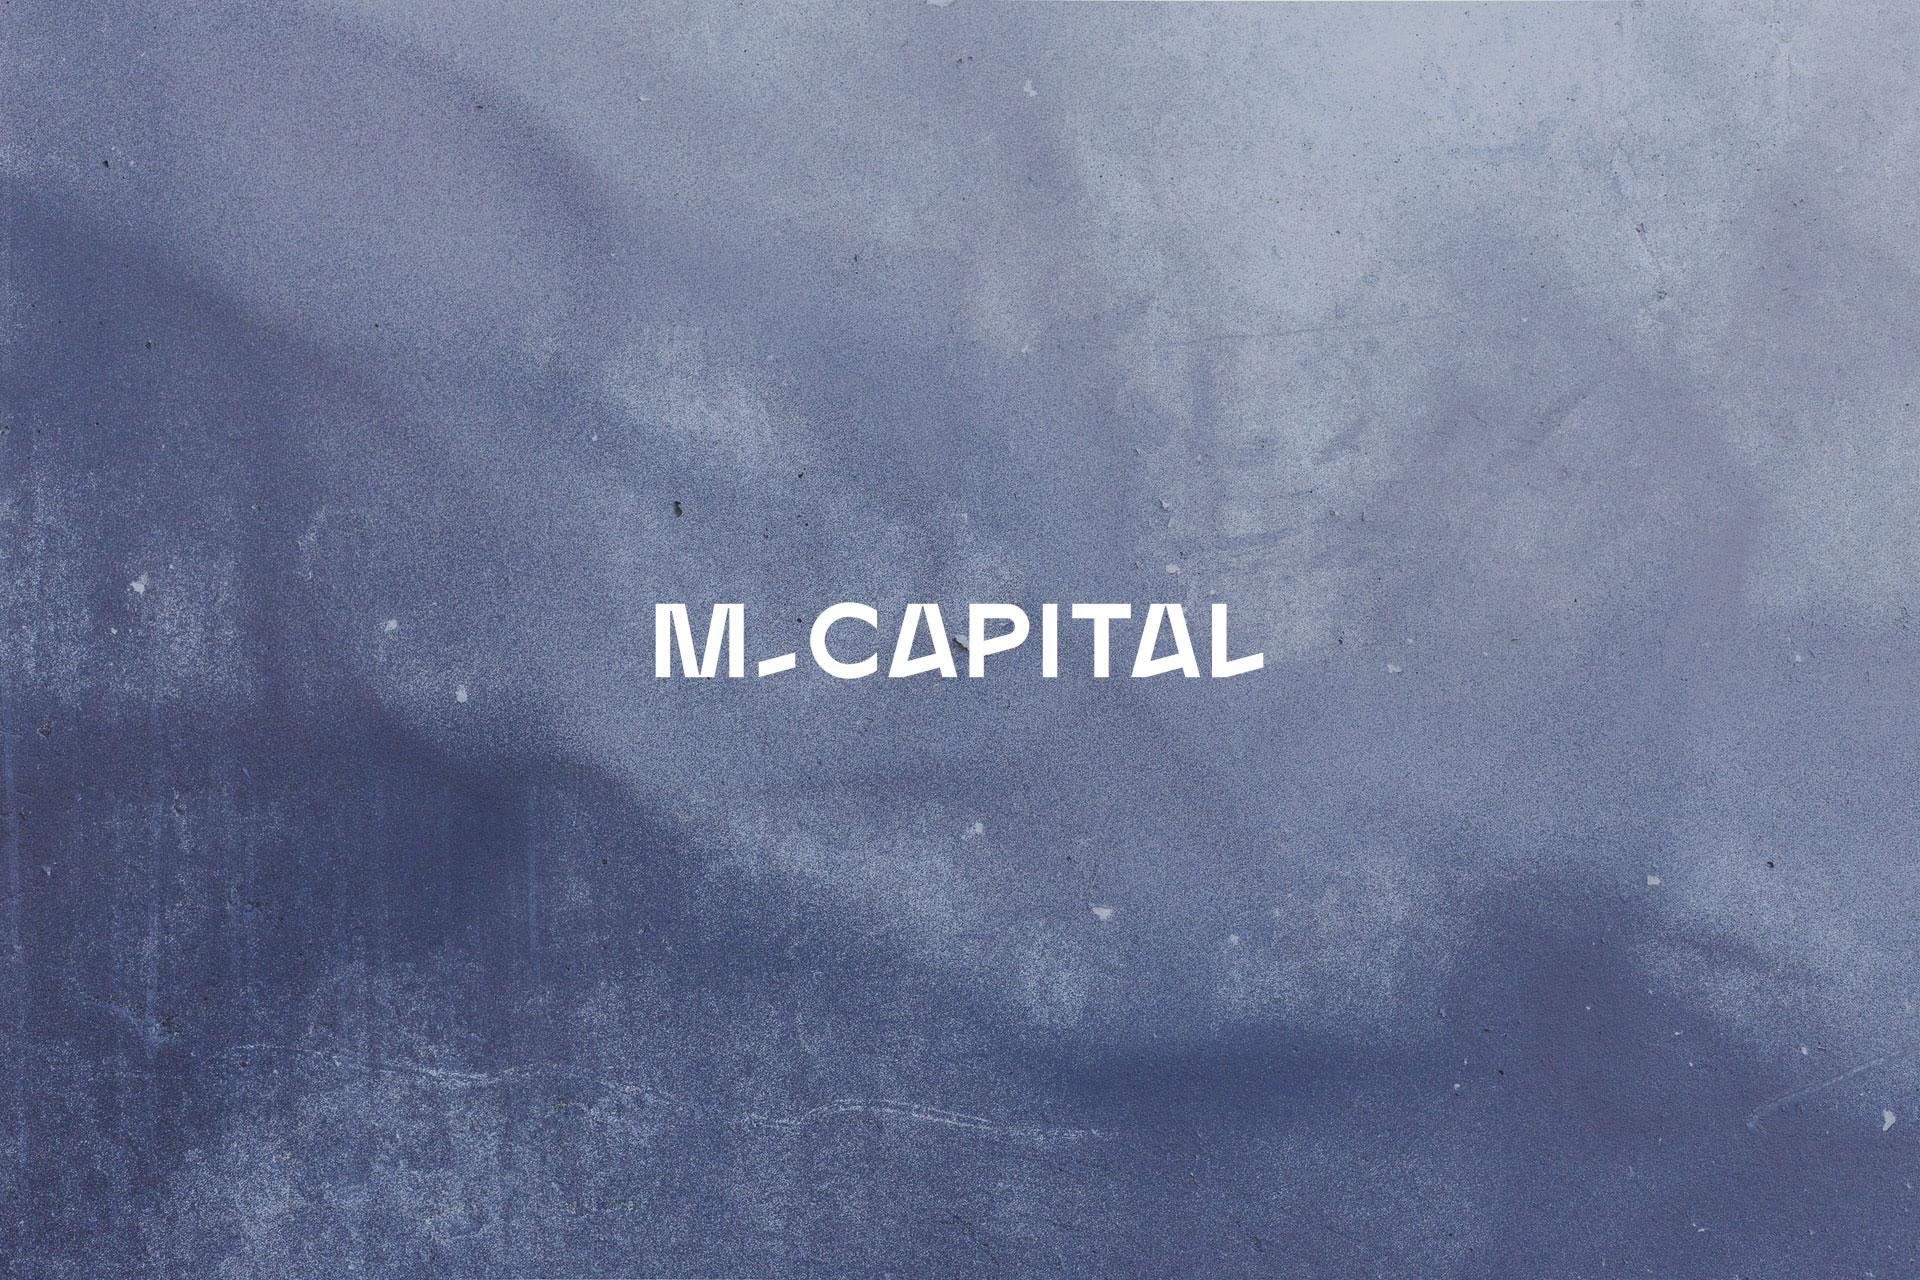 Contribution de 1 million d'euros au fonds Tourisme de M Capital